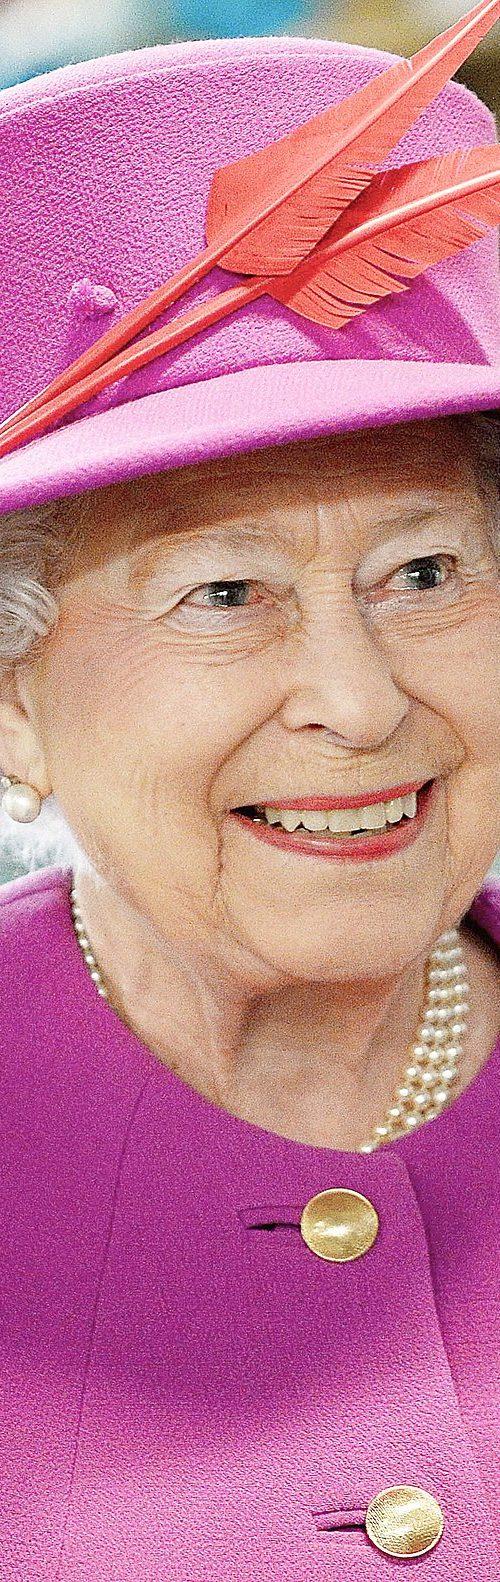 Queen Elizabeth II, current Queen of England